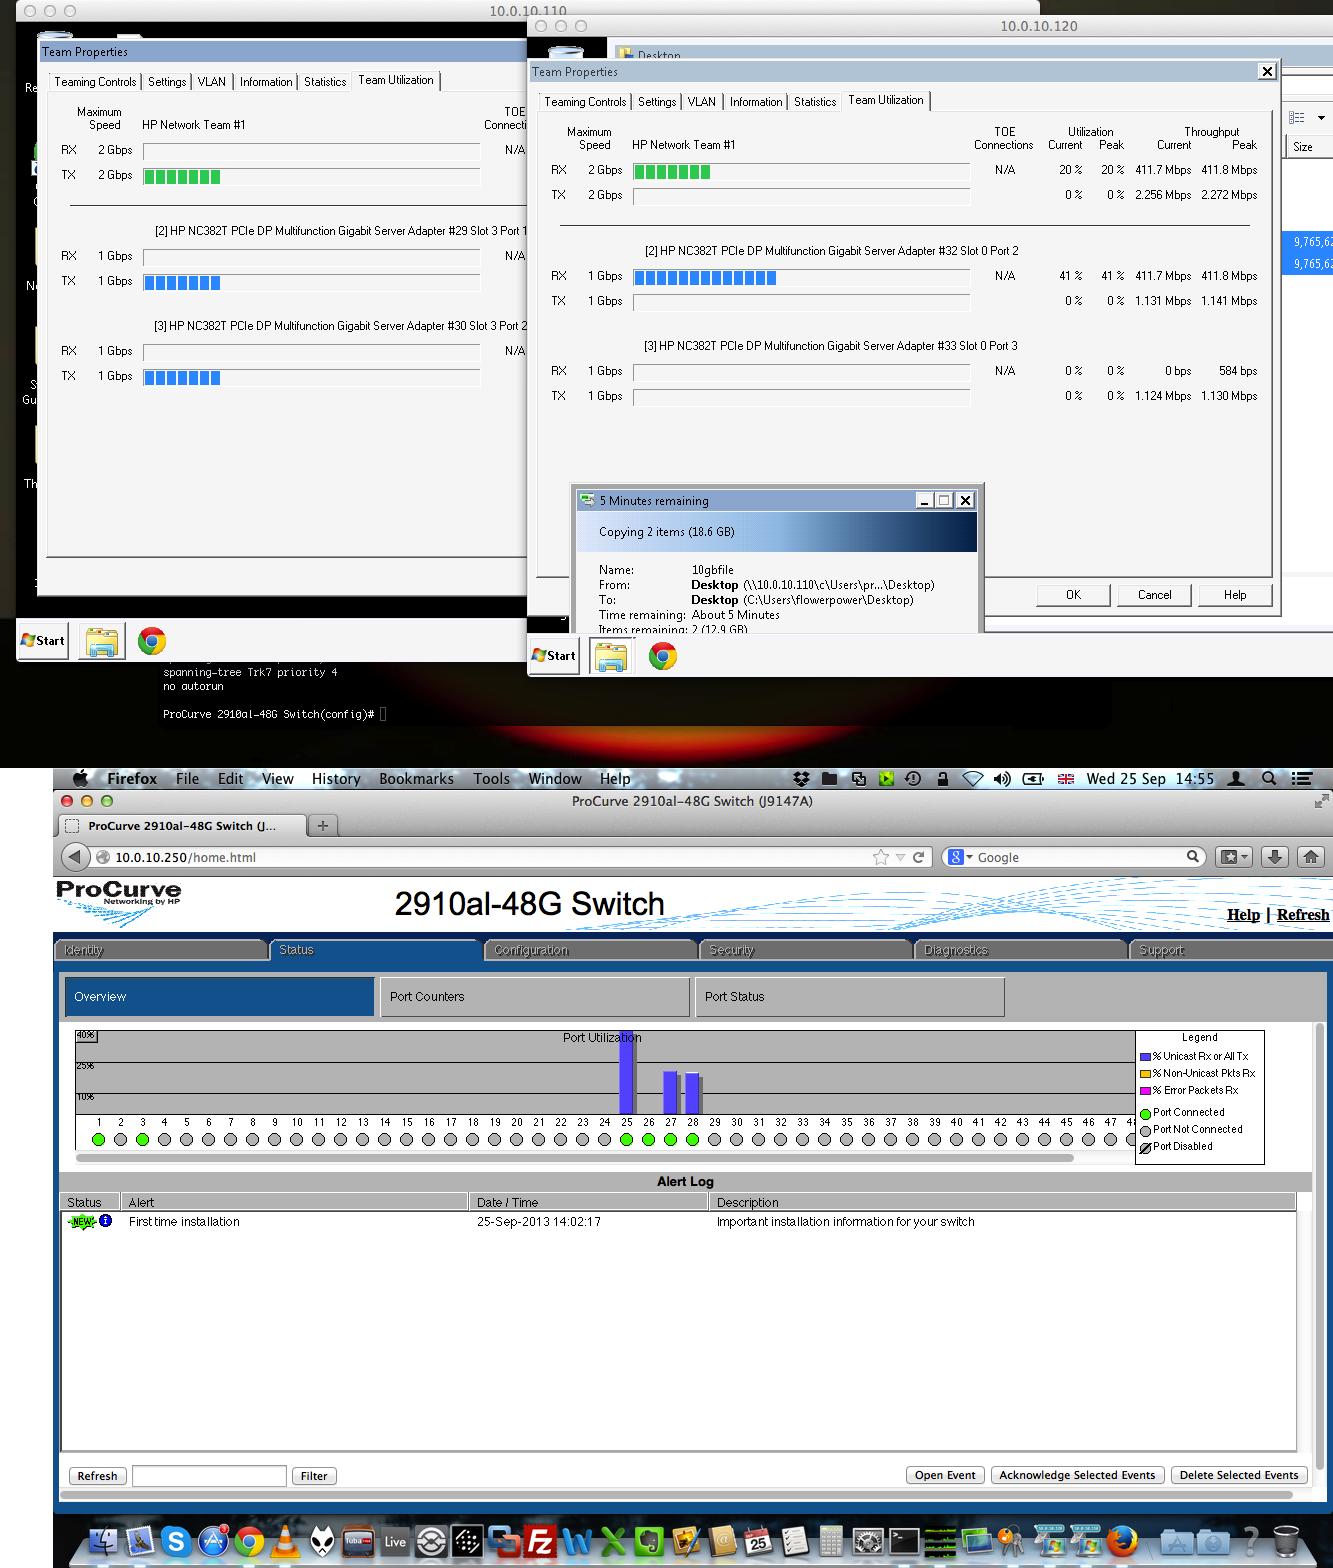 Screen Shot 2013-09-25 at 14.54.56.png